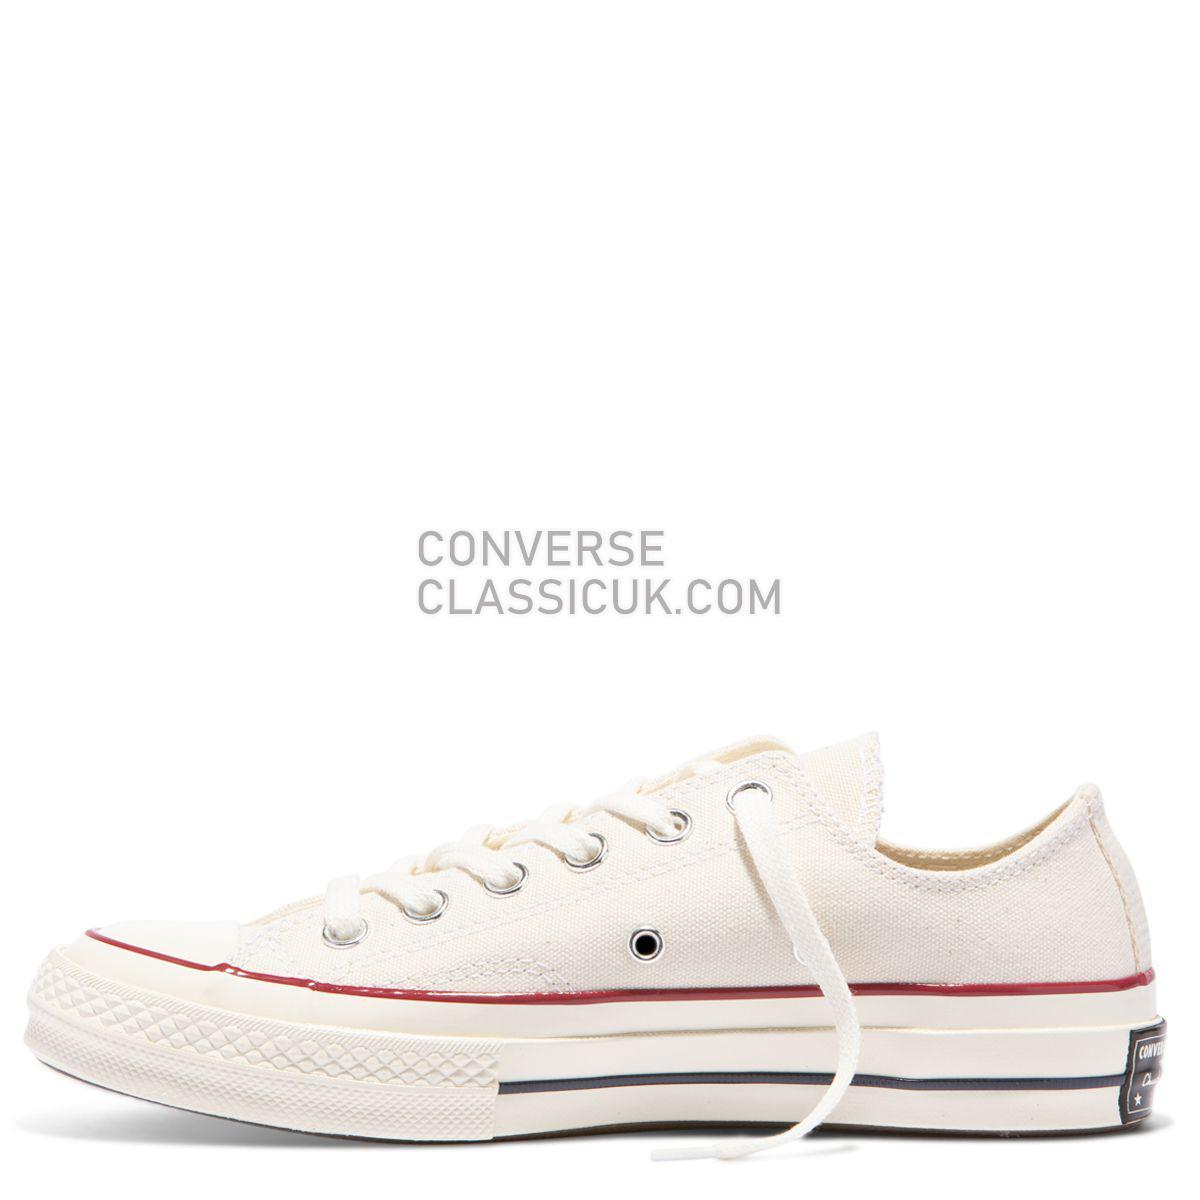 Converse Chuck Taylor All Star 70 Low Top Parchment Mens Womens Unisex 162062 Parchment/Garnet/Egret Shoes